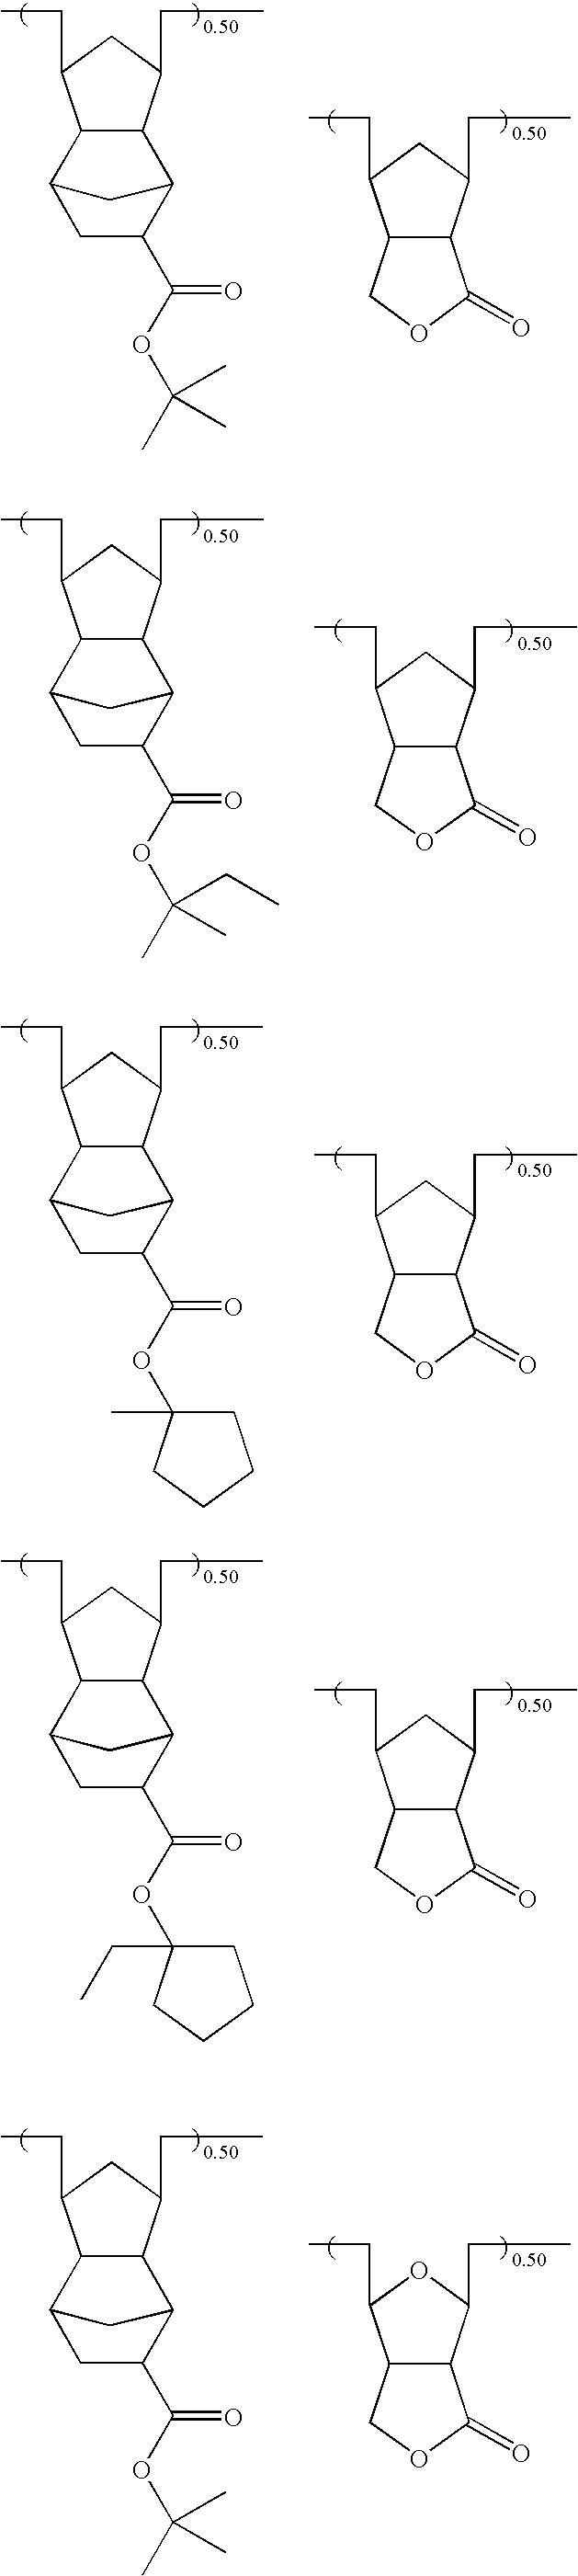 Figure US20070231738A1-20071004-C00053